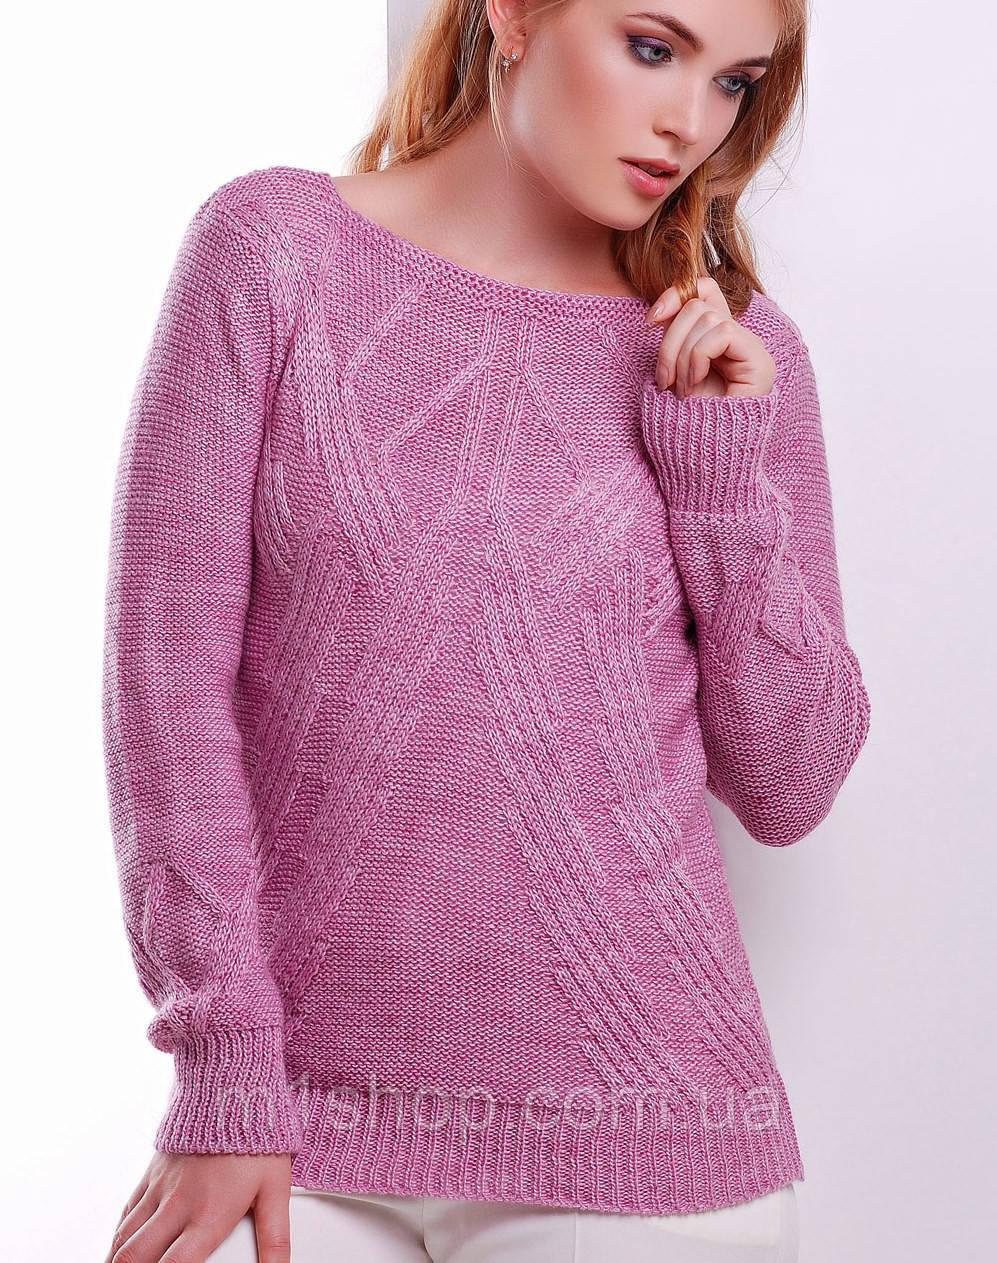 Женский вязаный свитер (16 mrs)